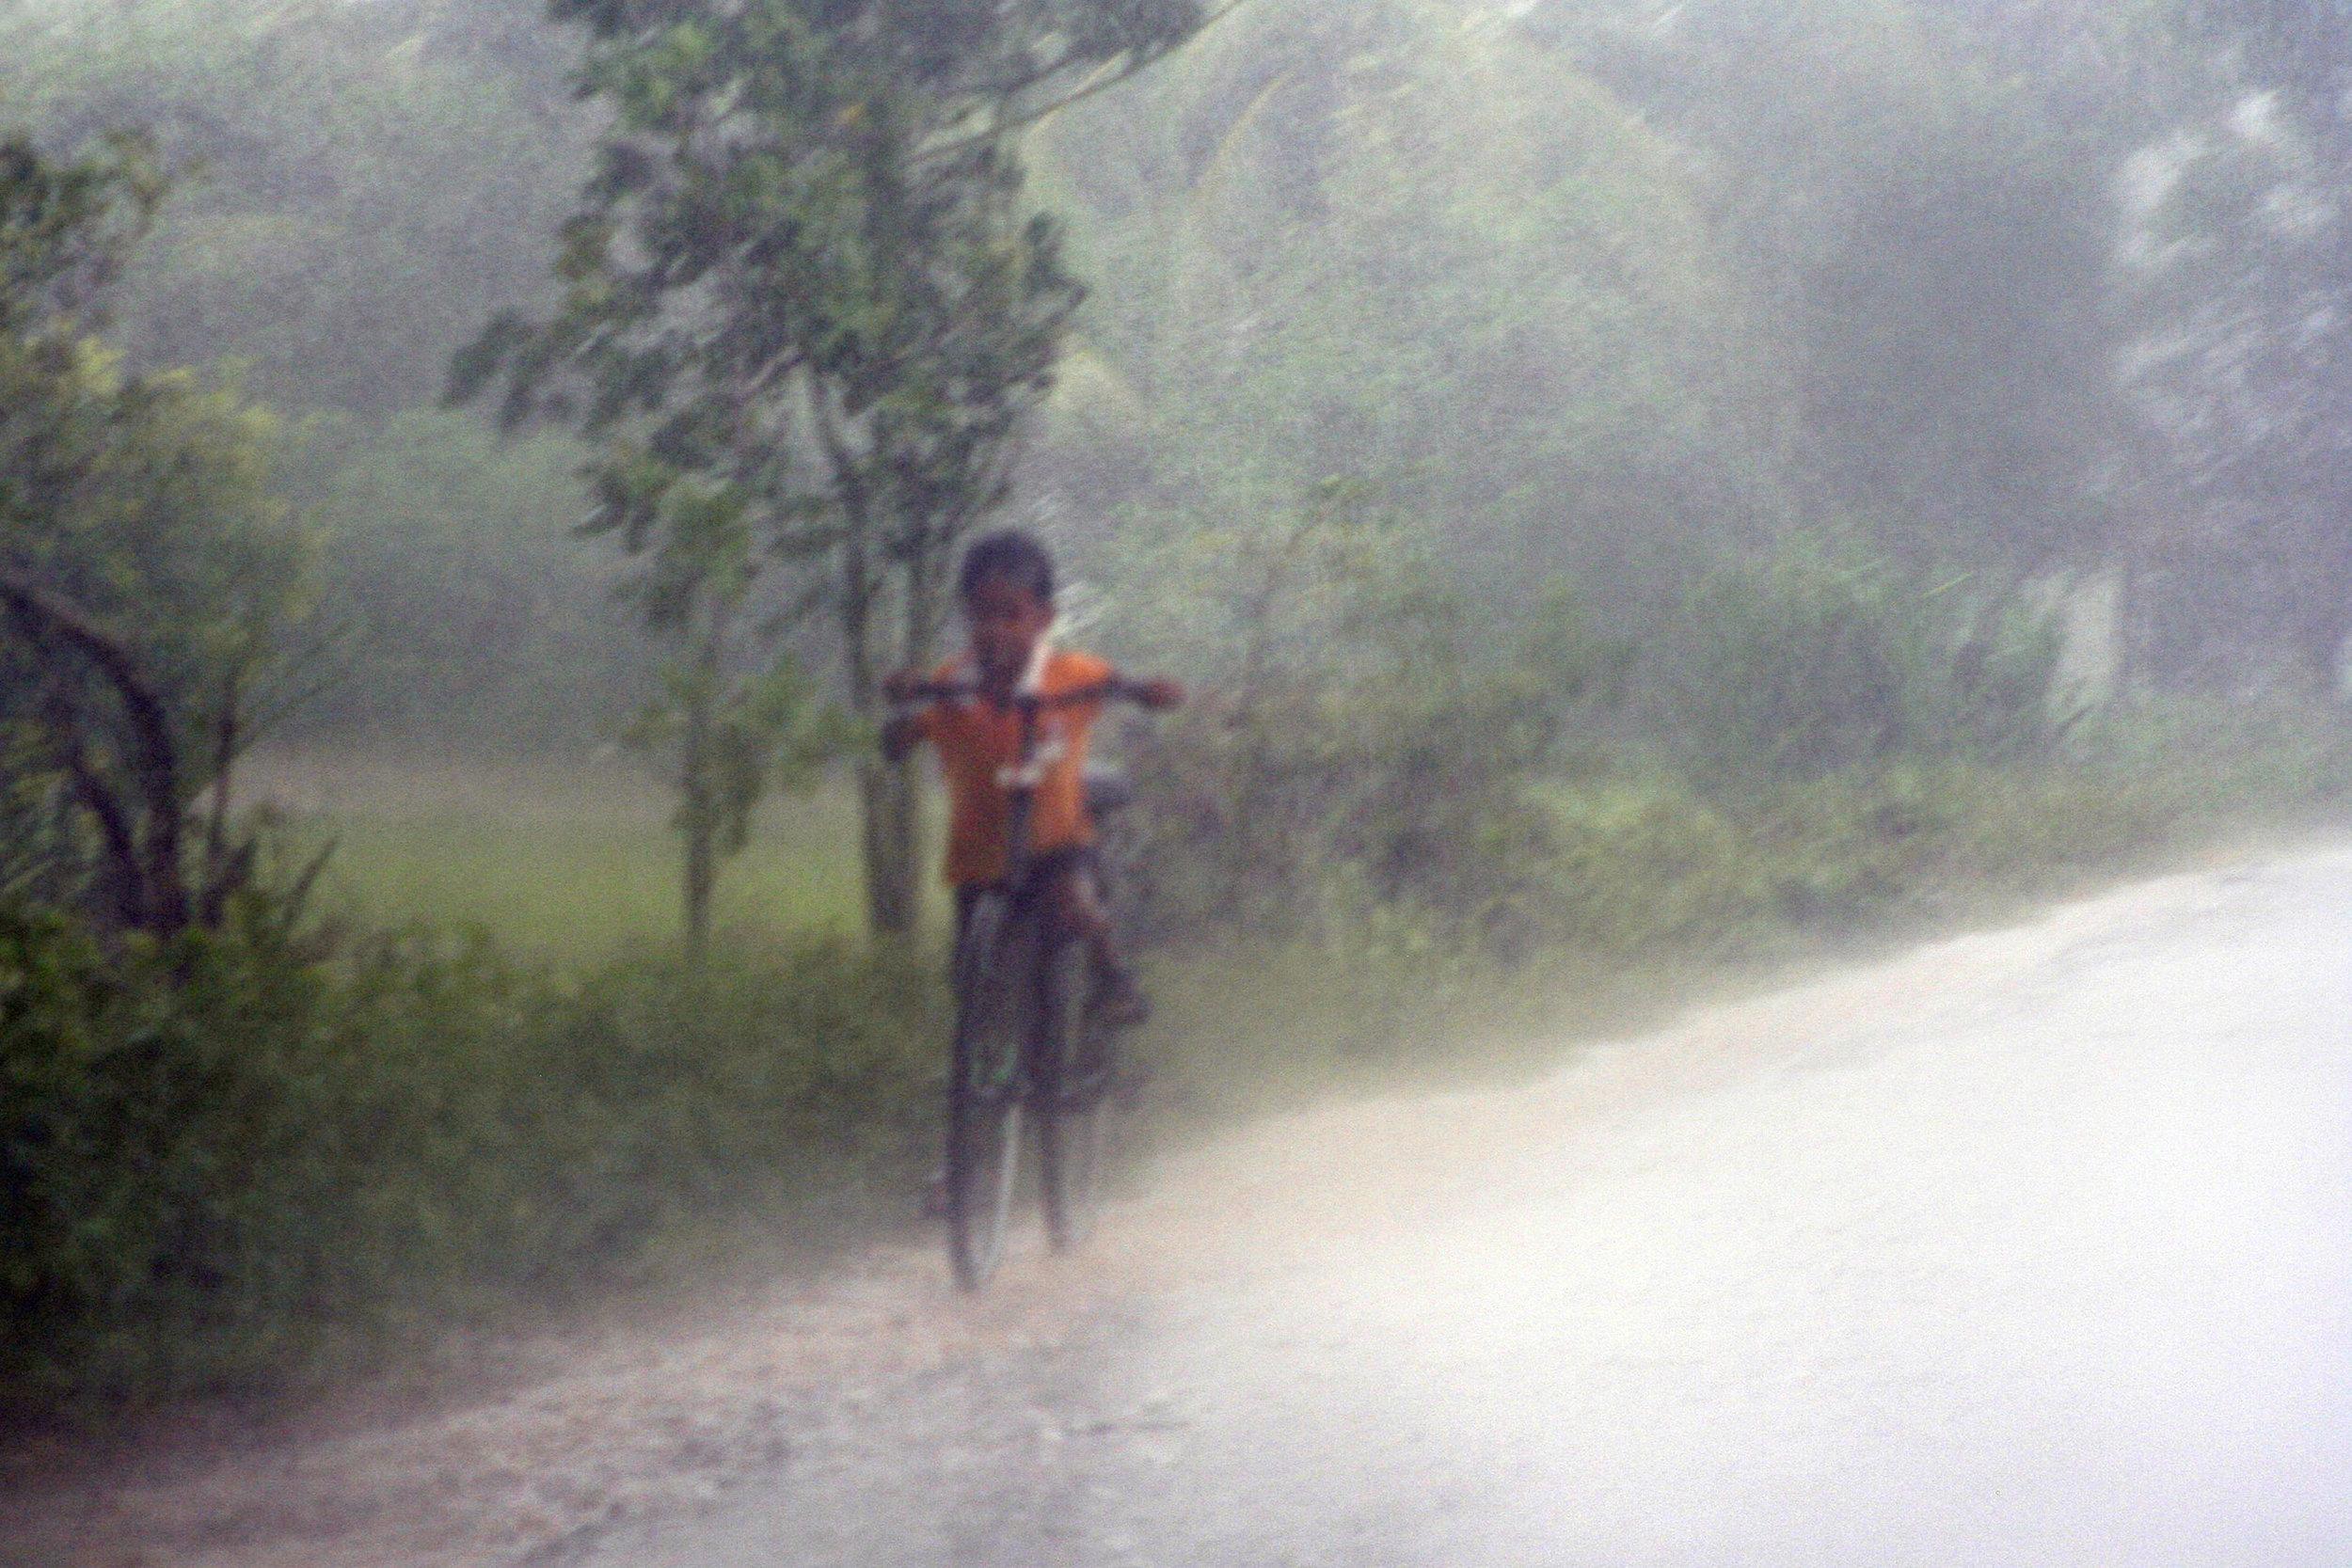 cambodia_boy_bike.jpg